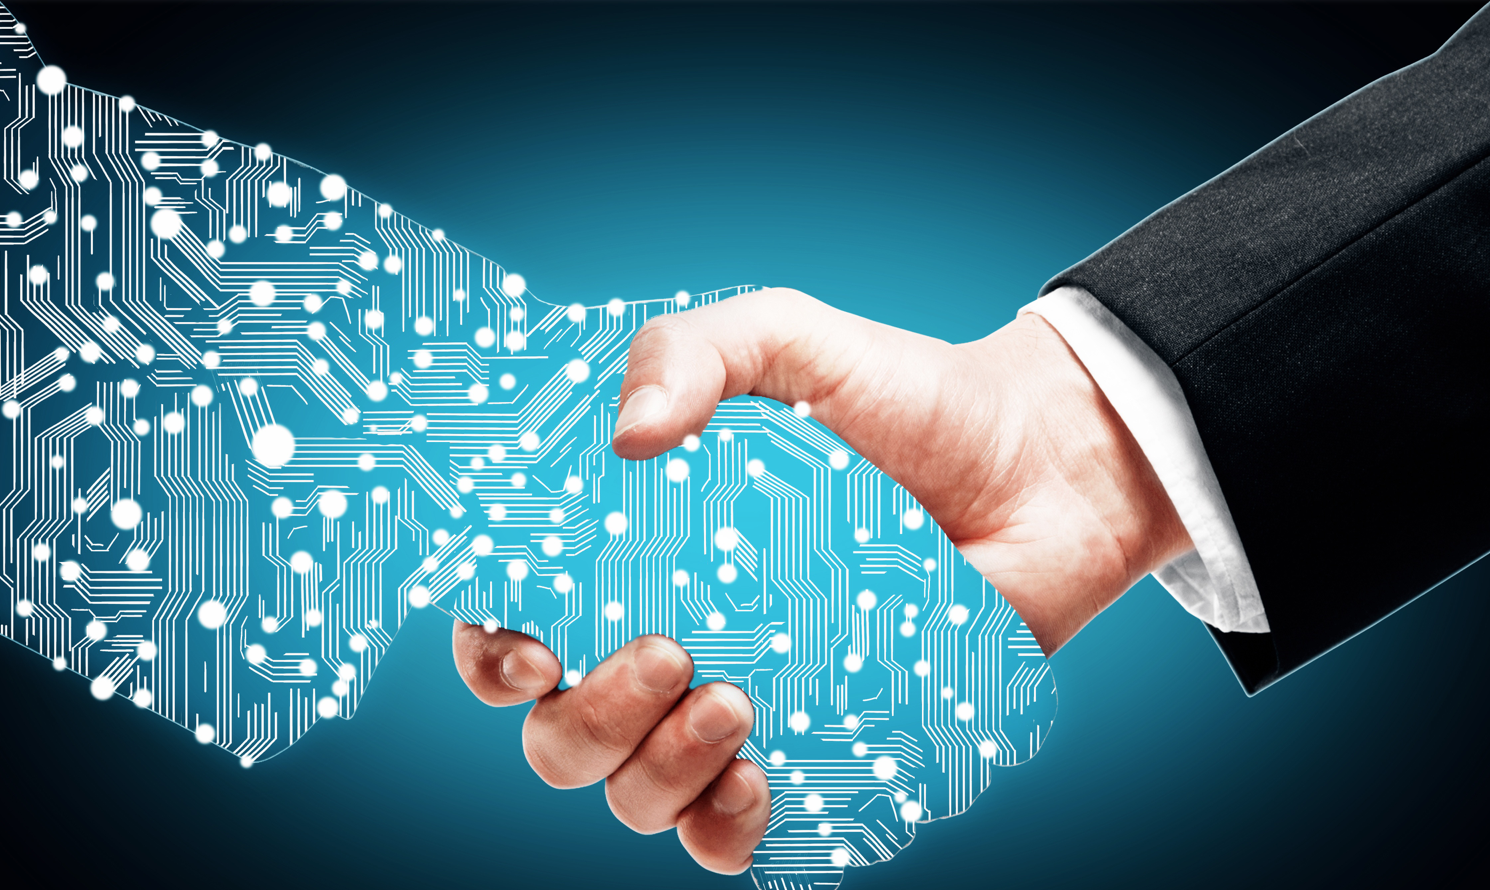 gelecekte satış teknikleri hakkında yazı